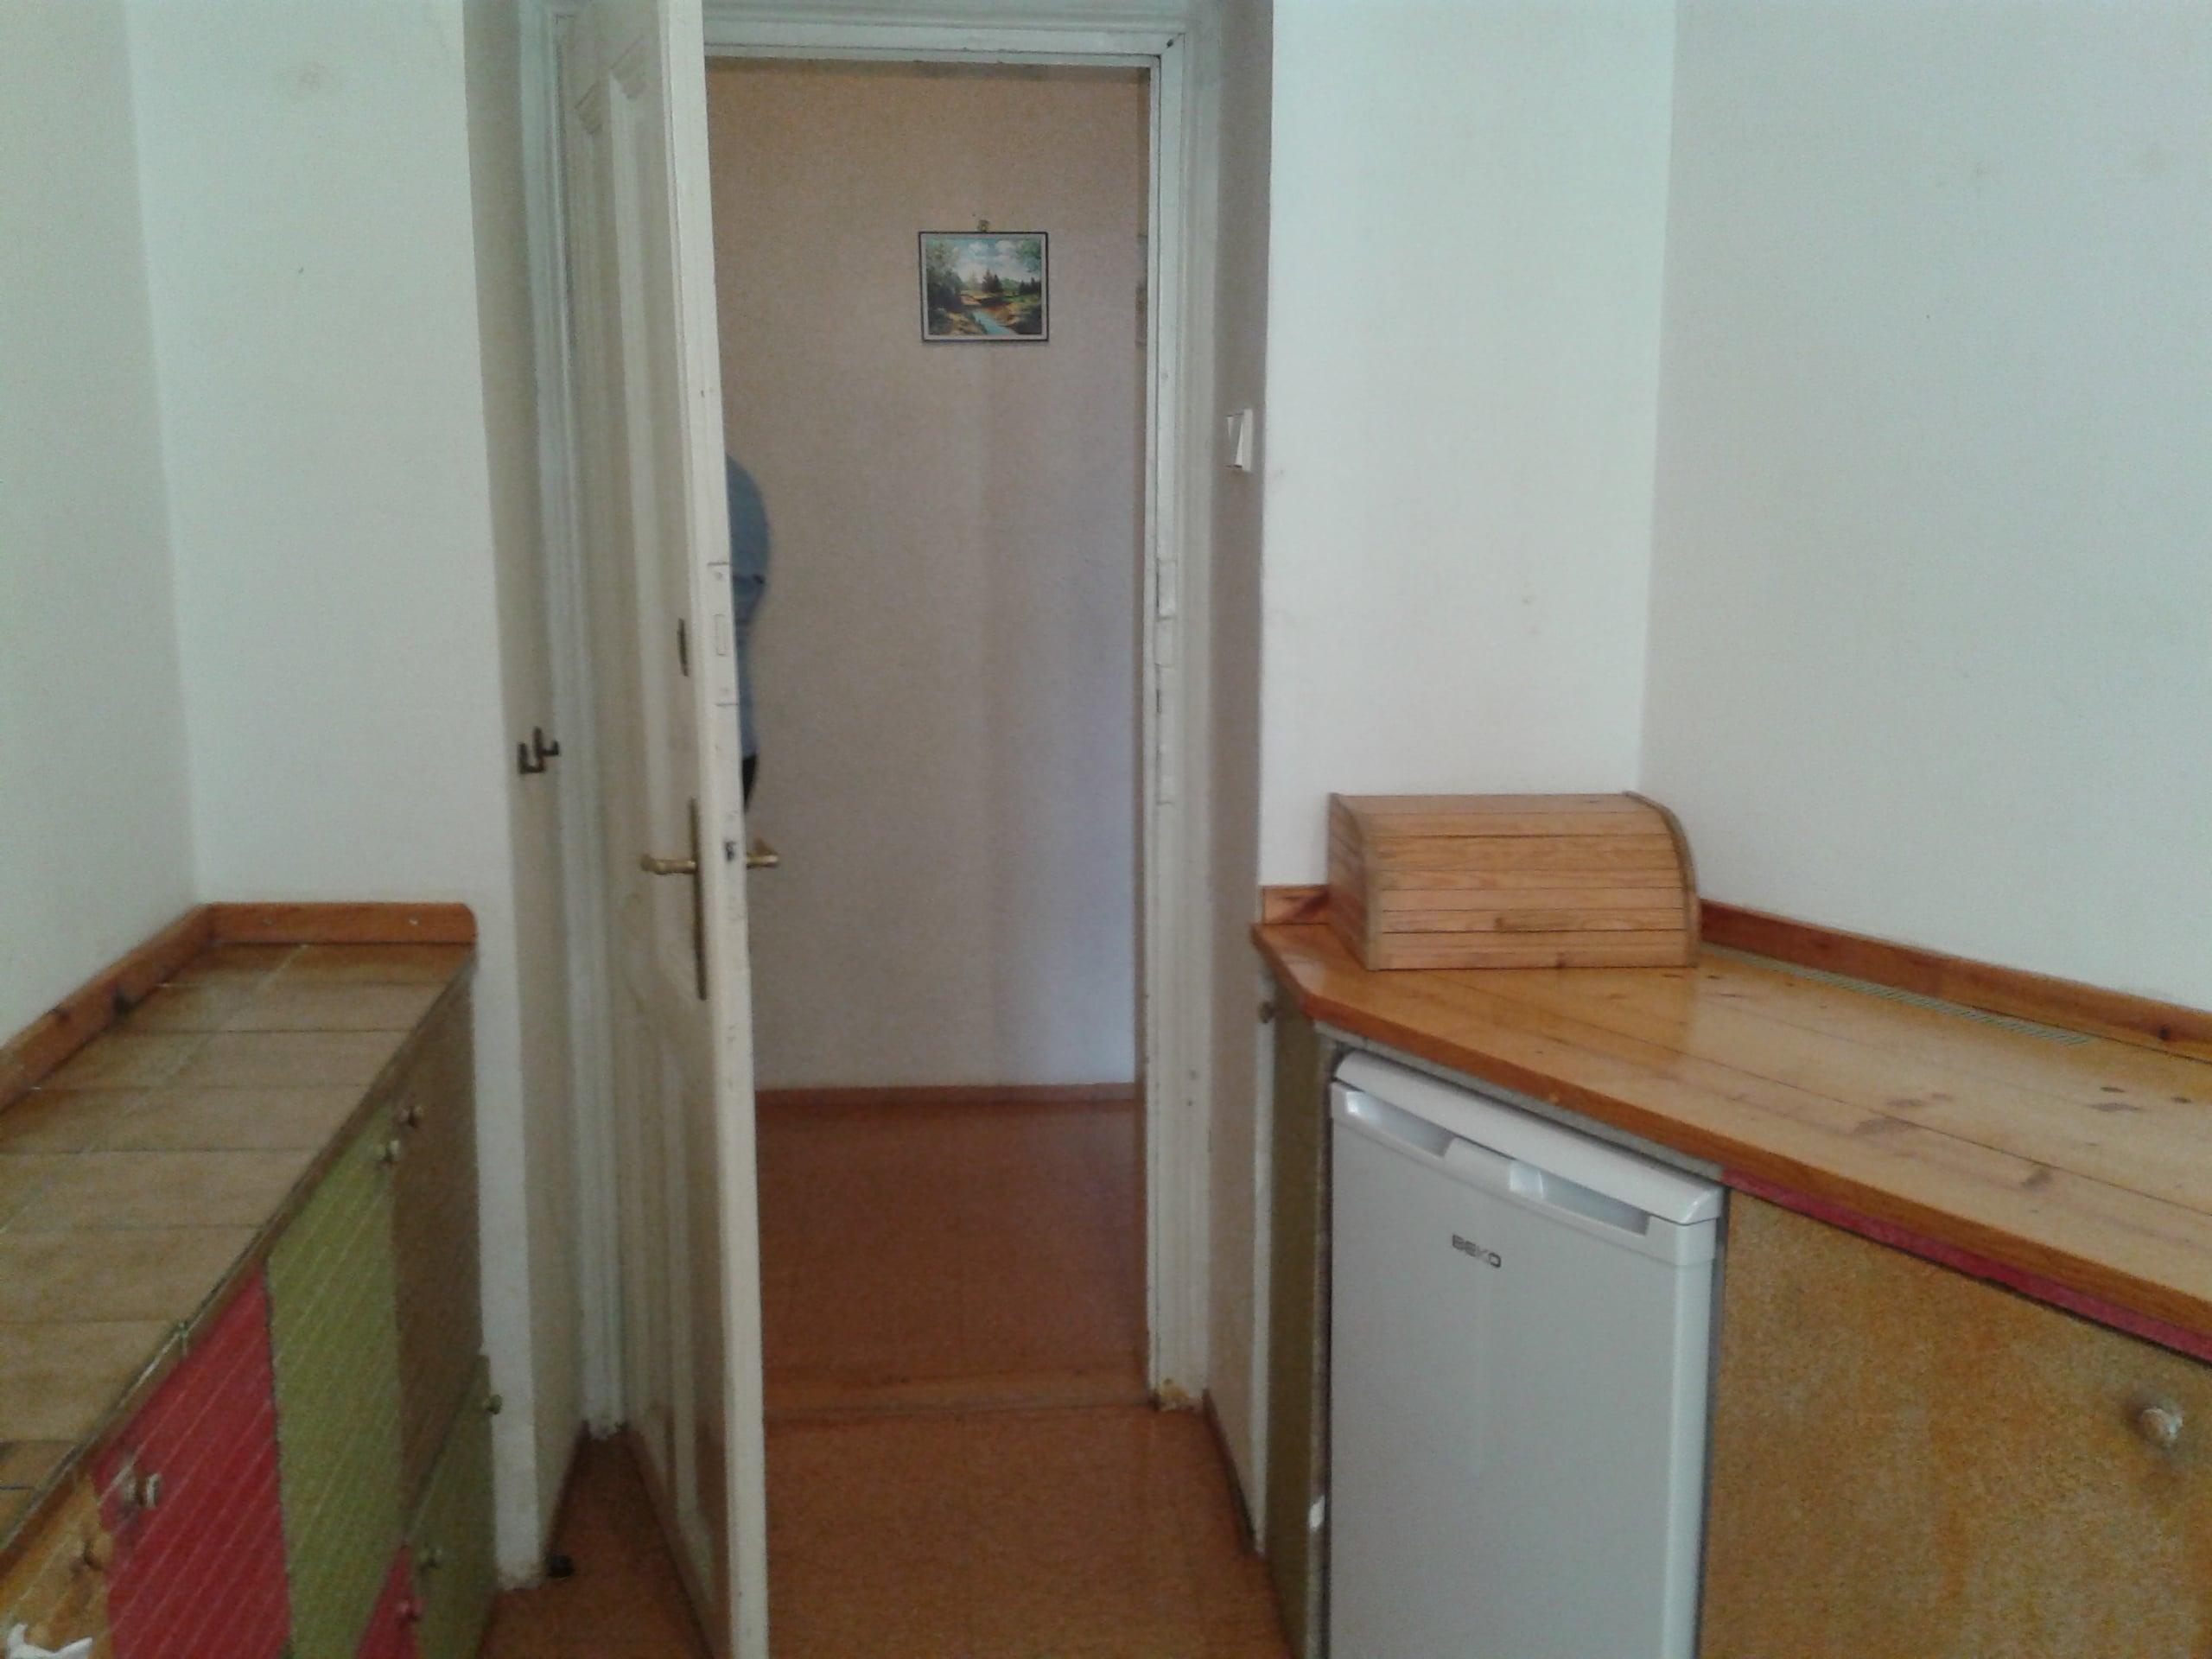 למכירה דירת 3+kk יפהפיה בפראג 1 העיר החדשה (39)